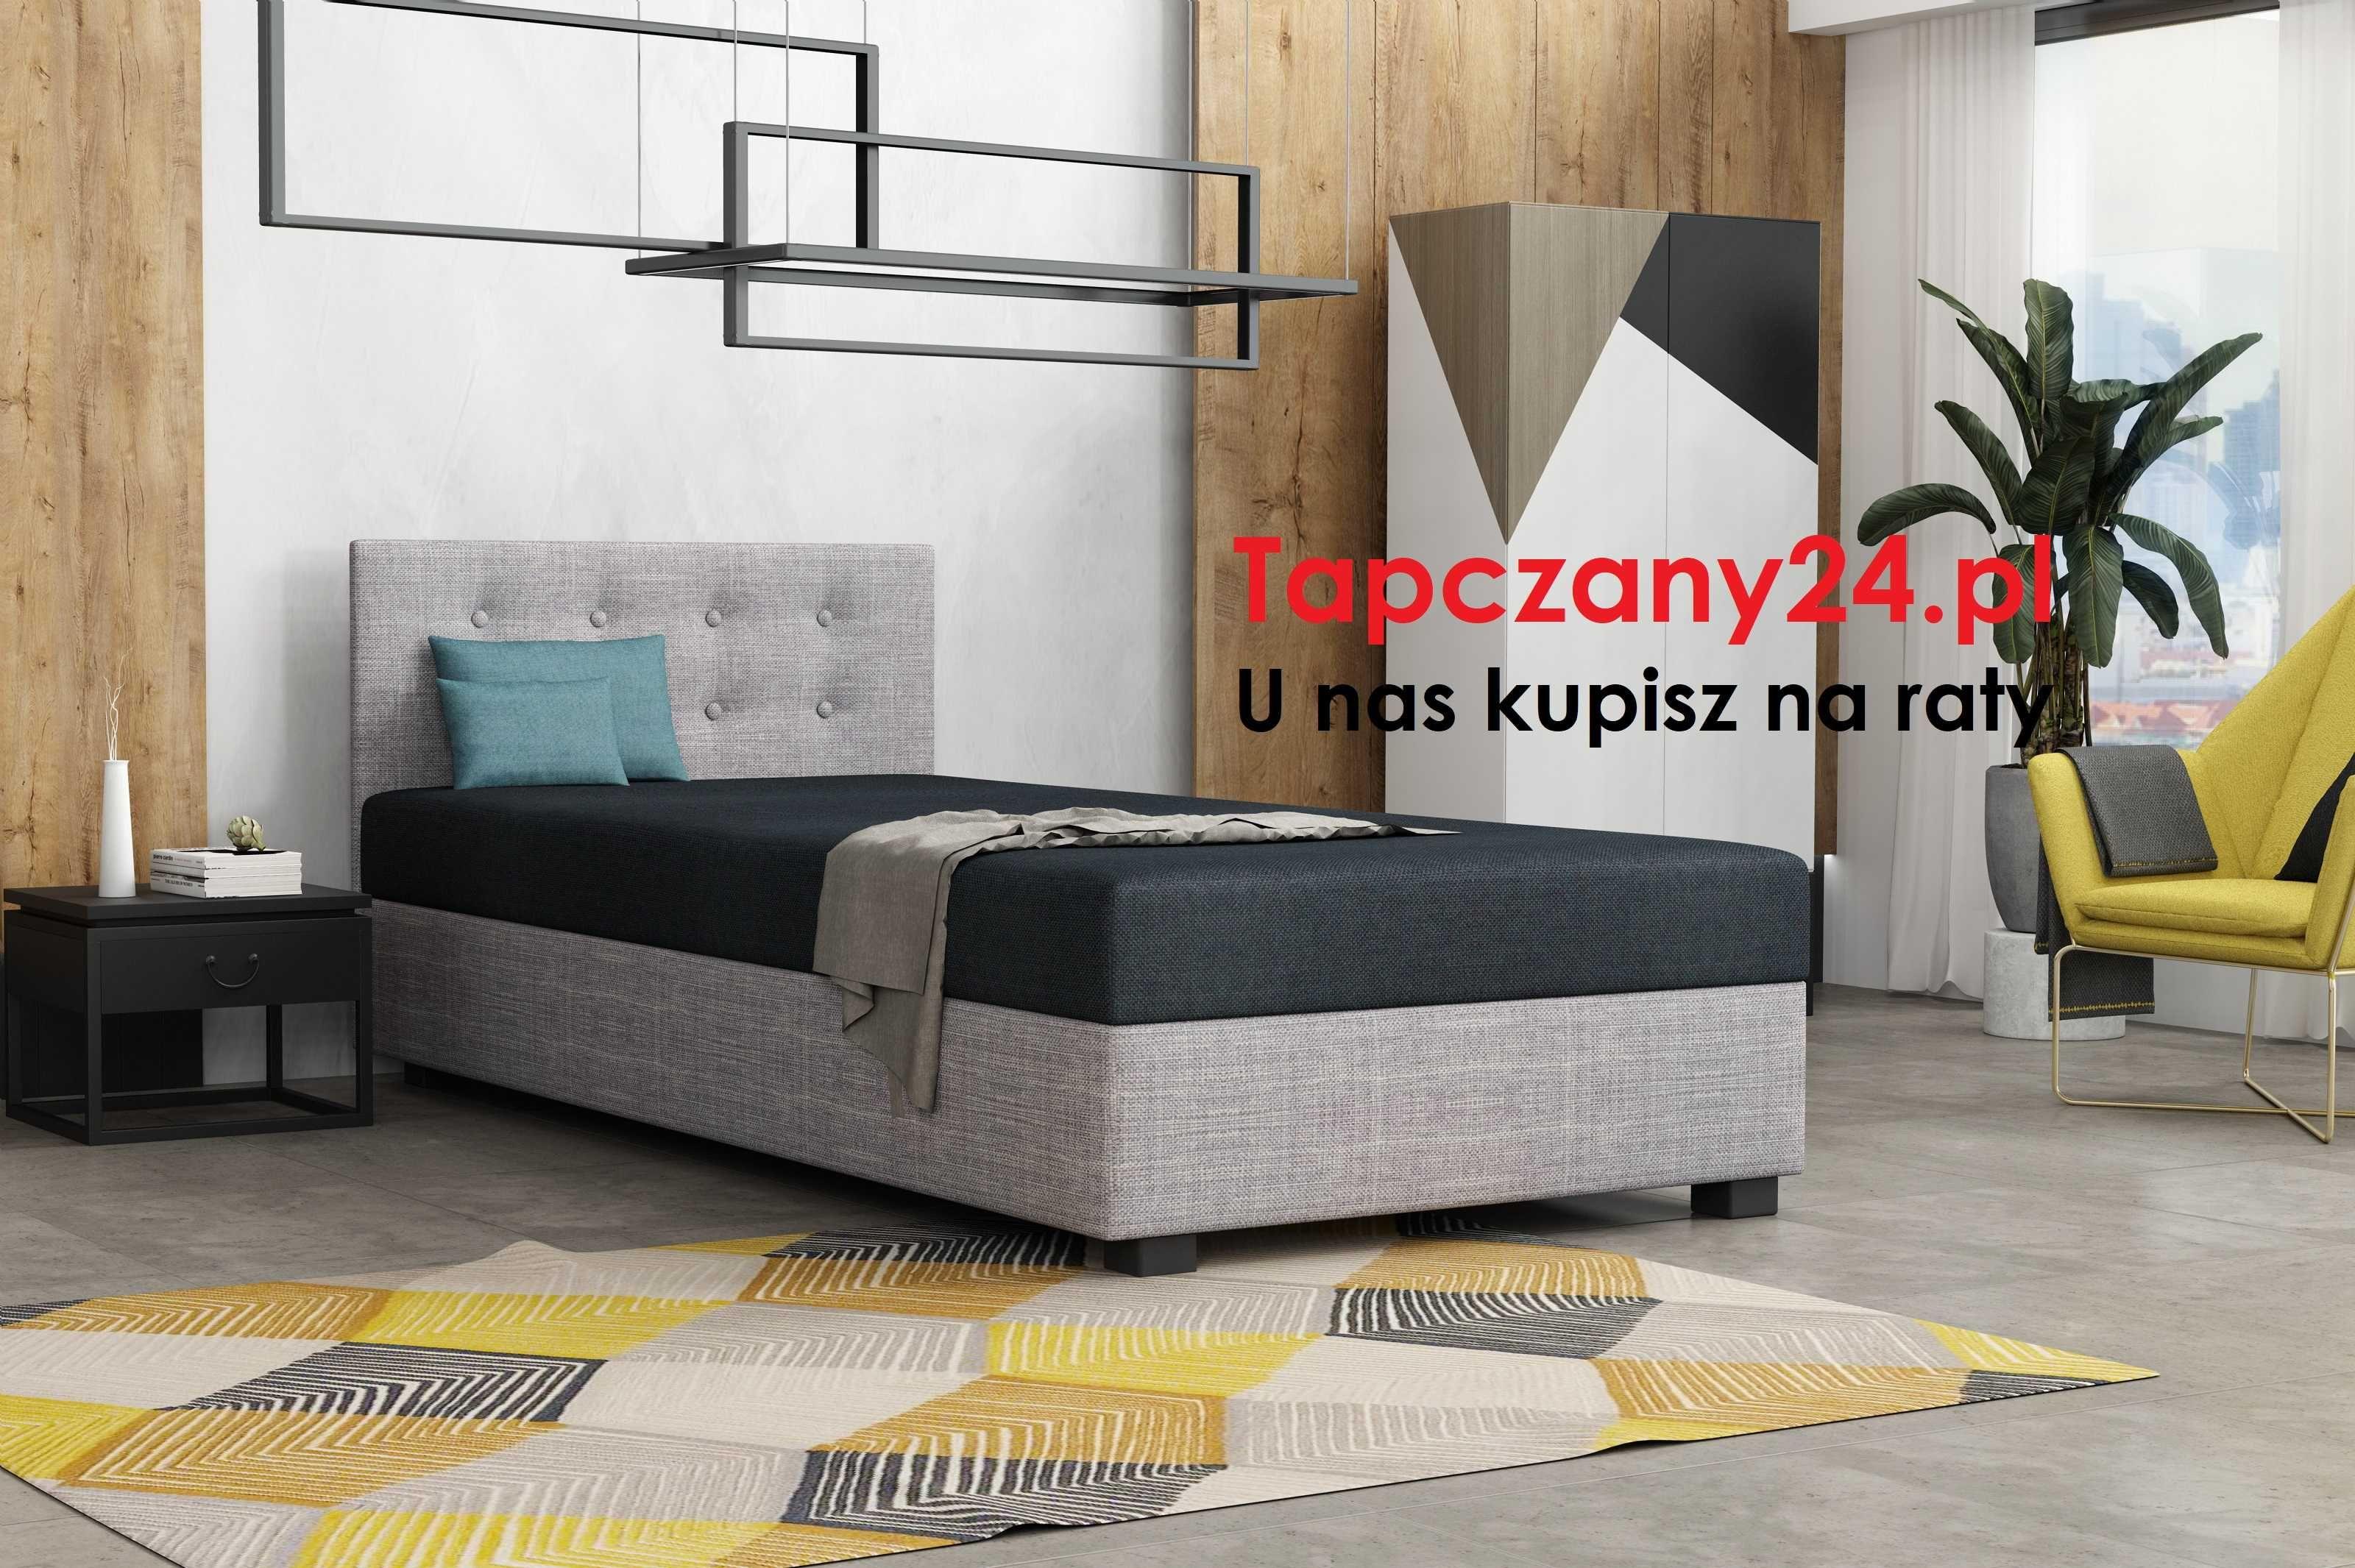 Łóżko młodzieżowe Tapczan z pojemnikiem na pościel 80/90/100/100/120